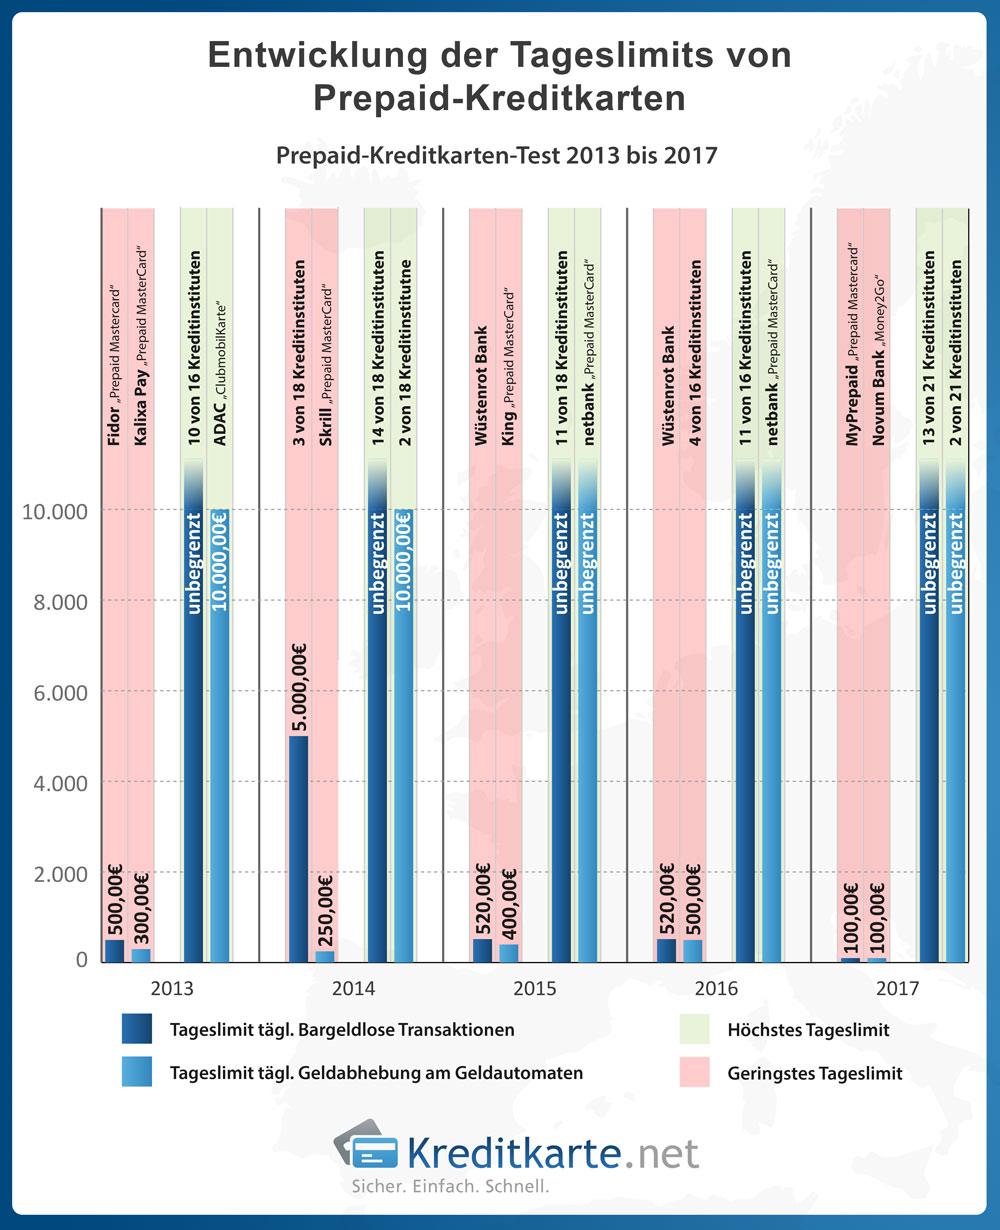 Überblick über Änderungen der Tageslimits von Prepaid-Kreditkarten von 2013 bis heute